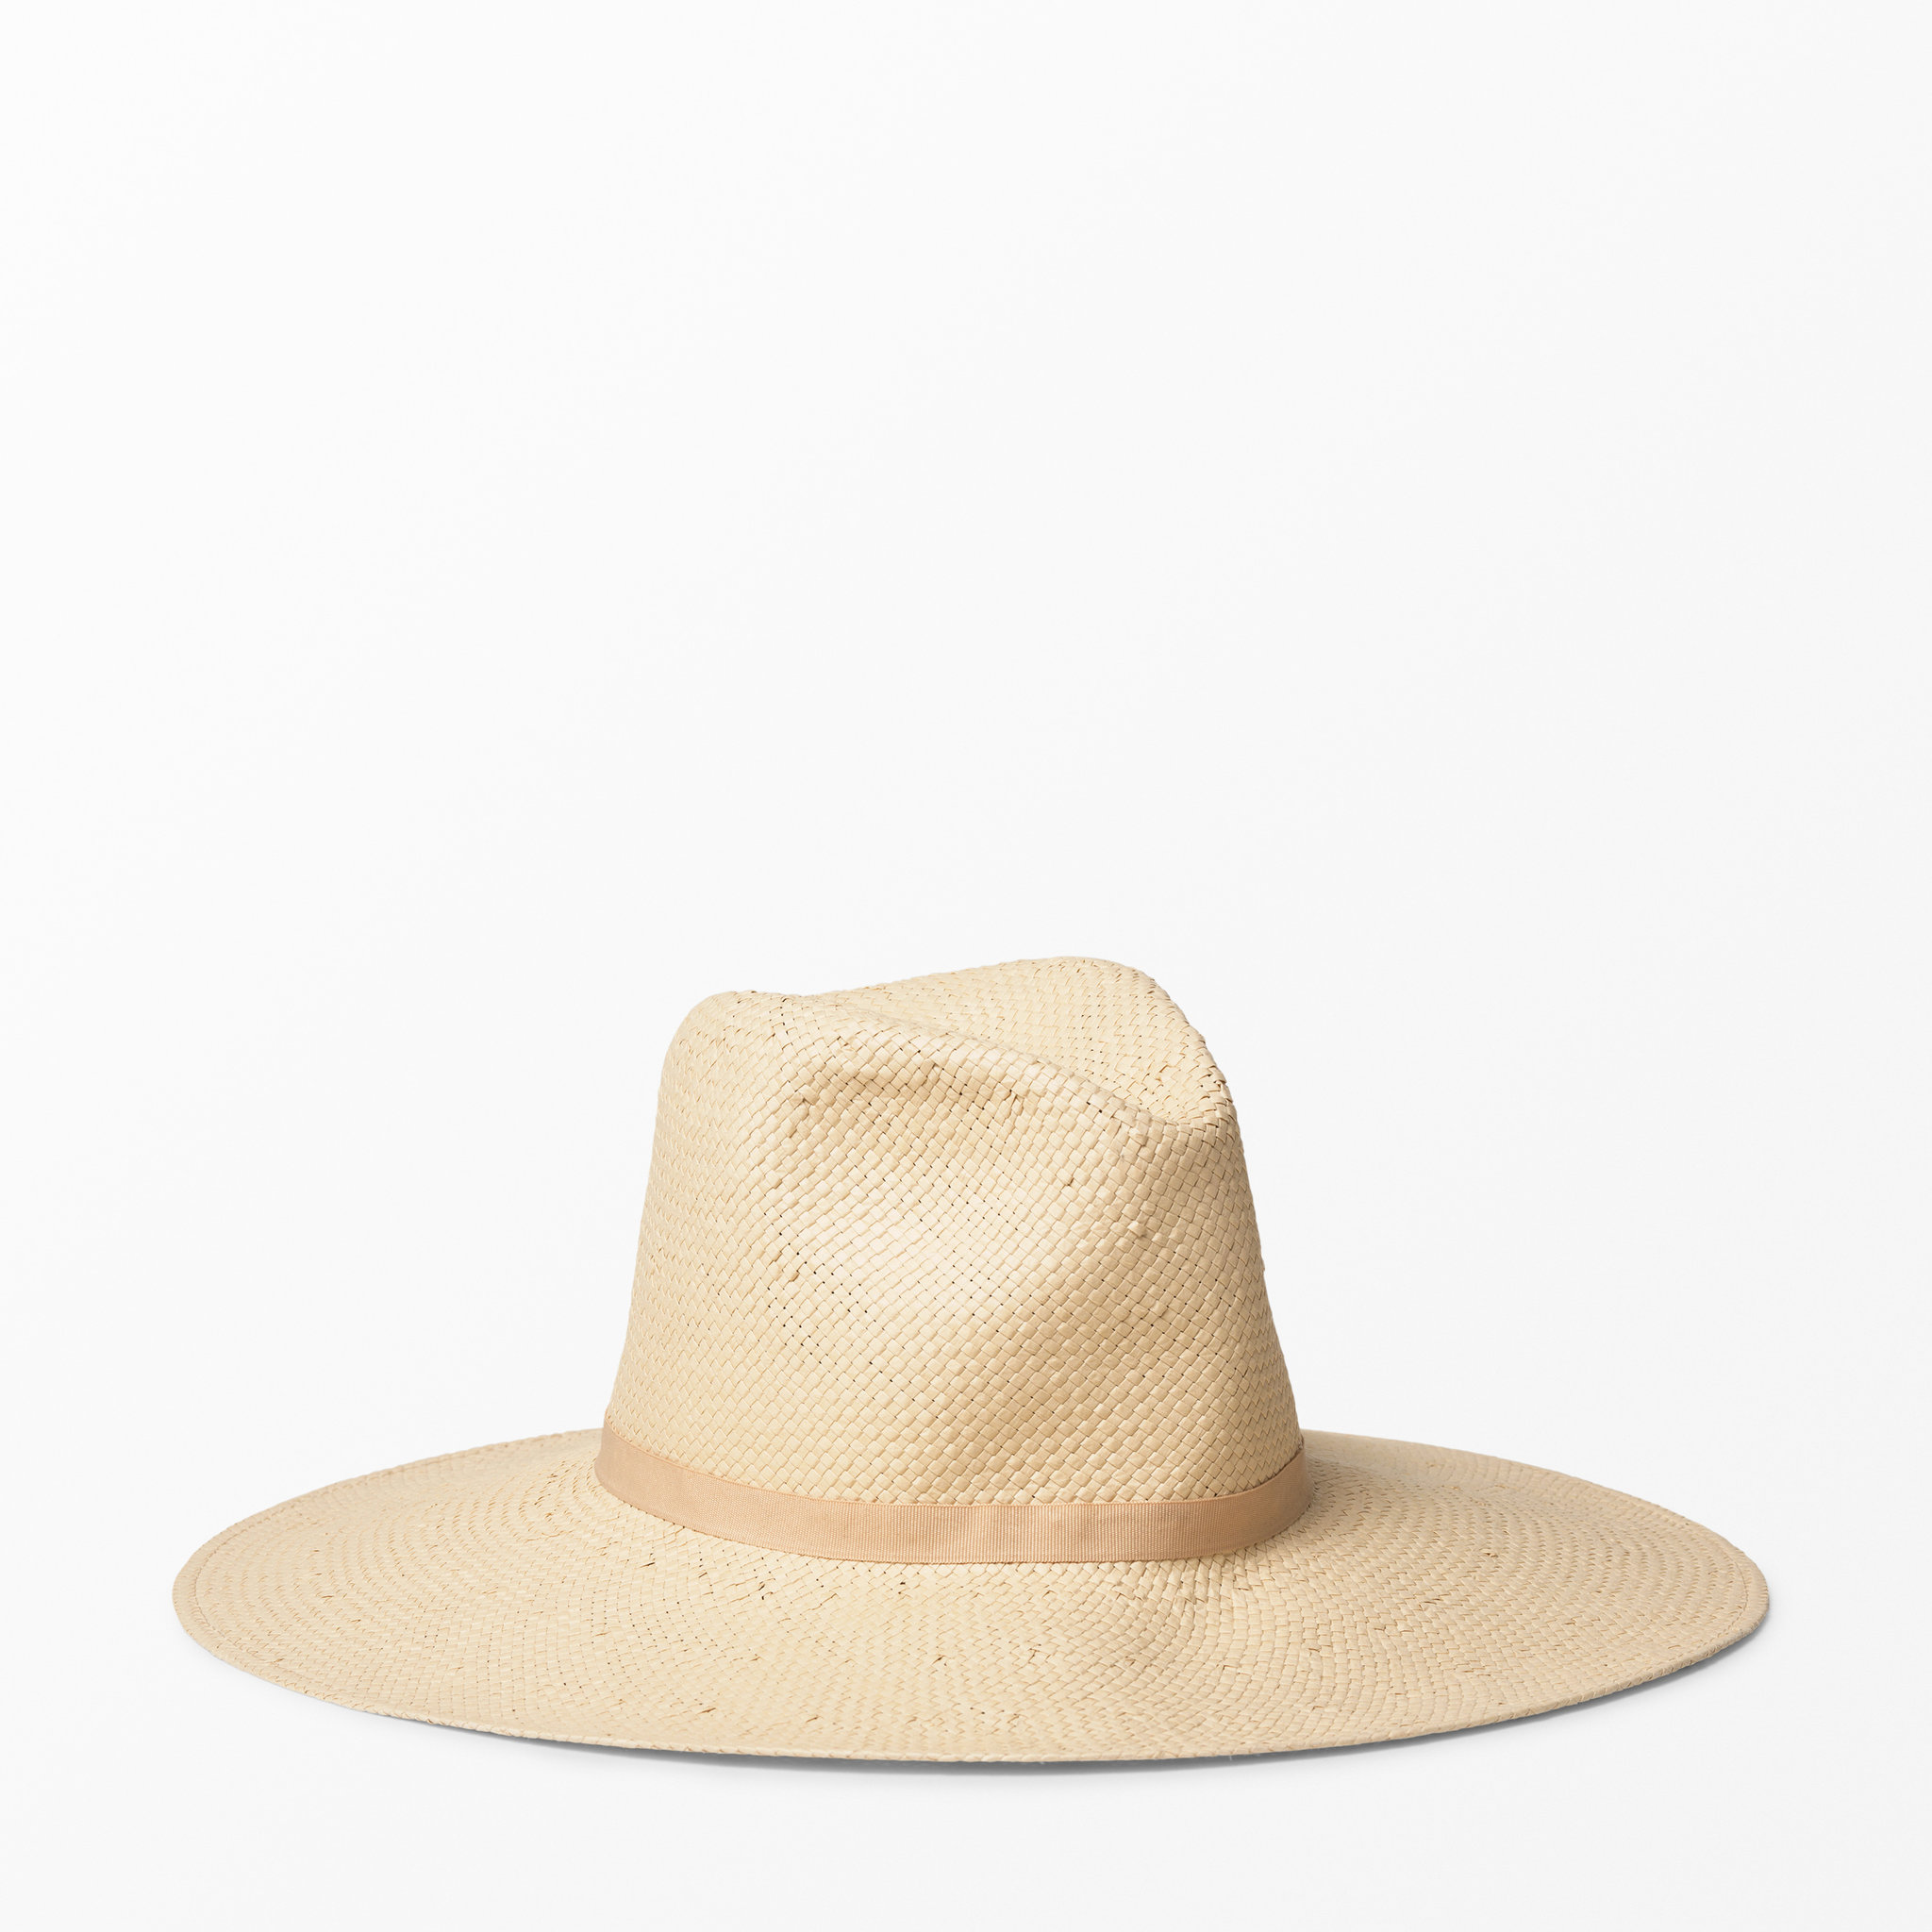 Solhatt - Mössor   hattar - Köp online på åhlens.se! c68b4574b03a9